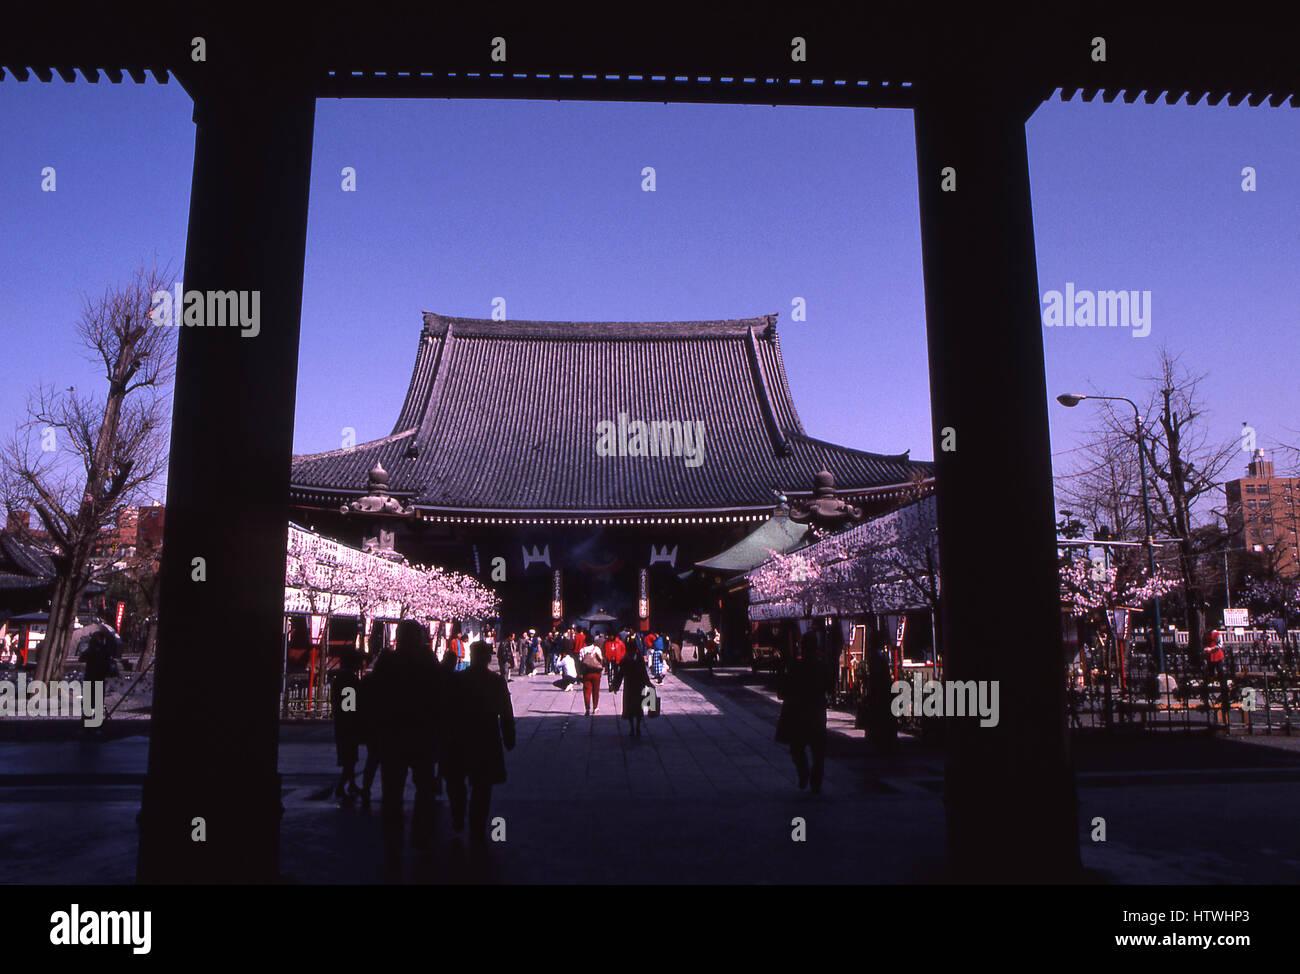 Vue sur le Temple d'Asakusa Kanon dans la section d'Asakusa de Tokyo, Japon. C'est le plus ancien et Photo Stock